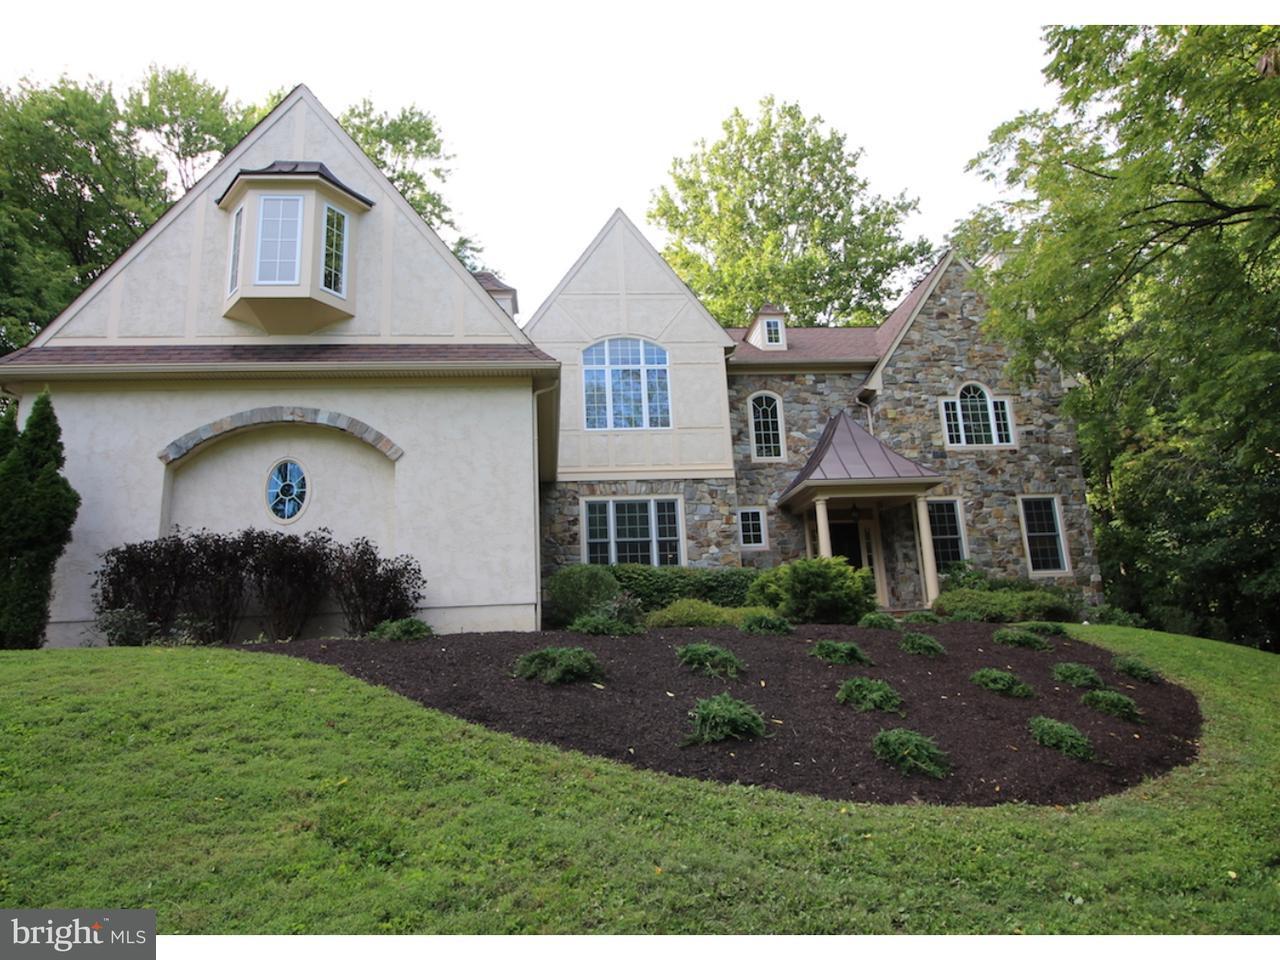 独户住宅 为 出租 在 2236 N STONERIDGE Lane 维拉诺瓦, 宾夕法尼亚州 19085 美国